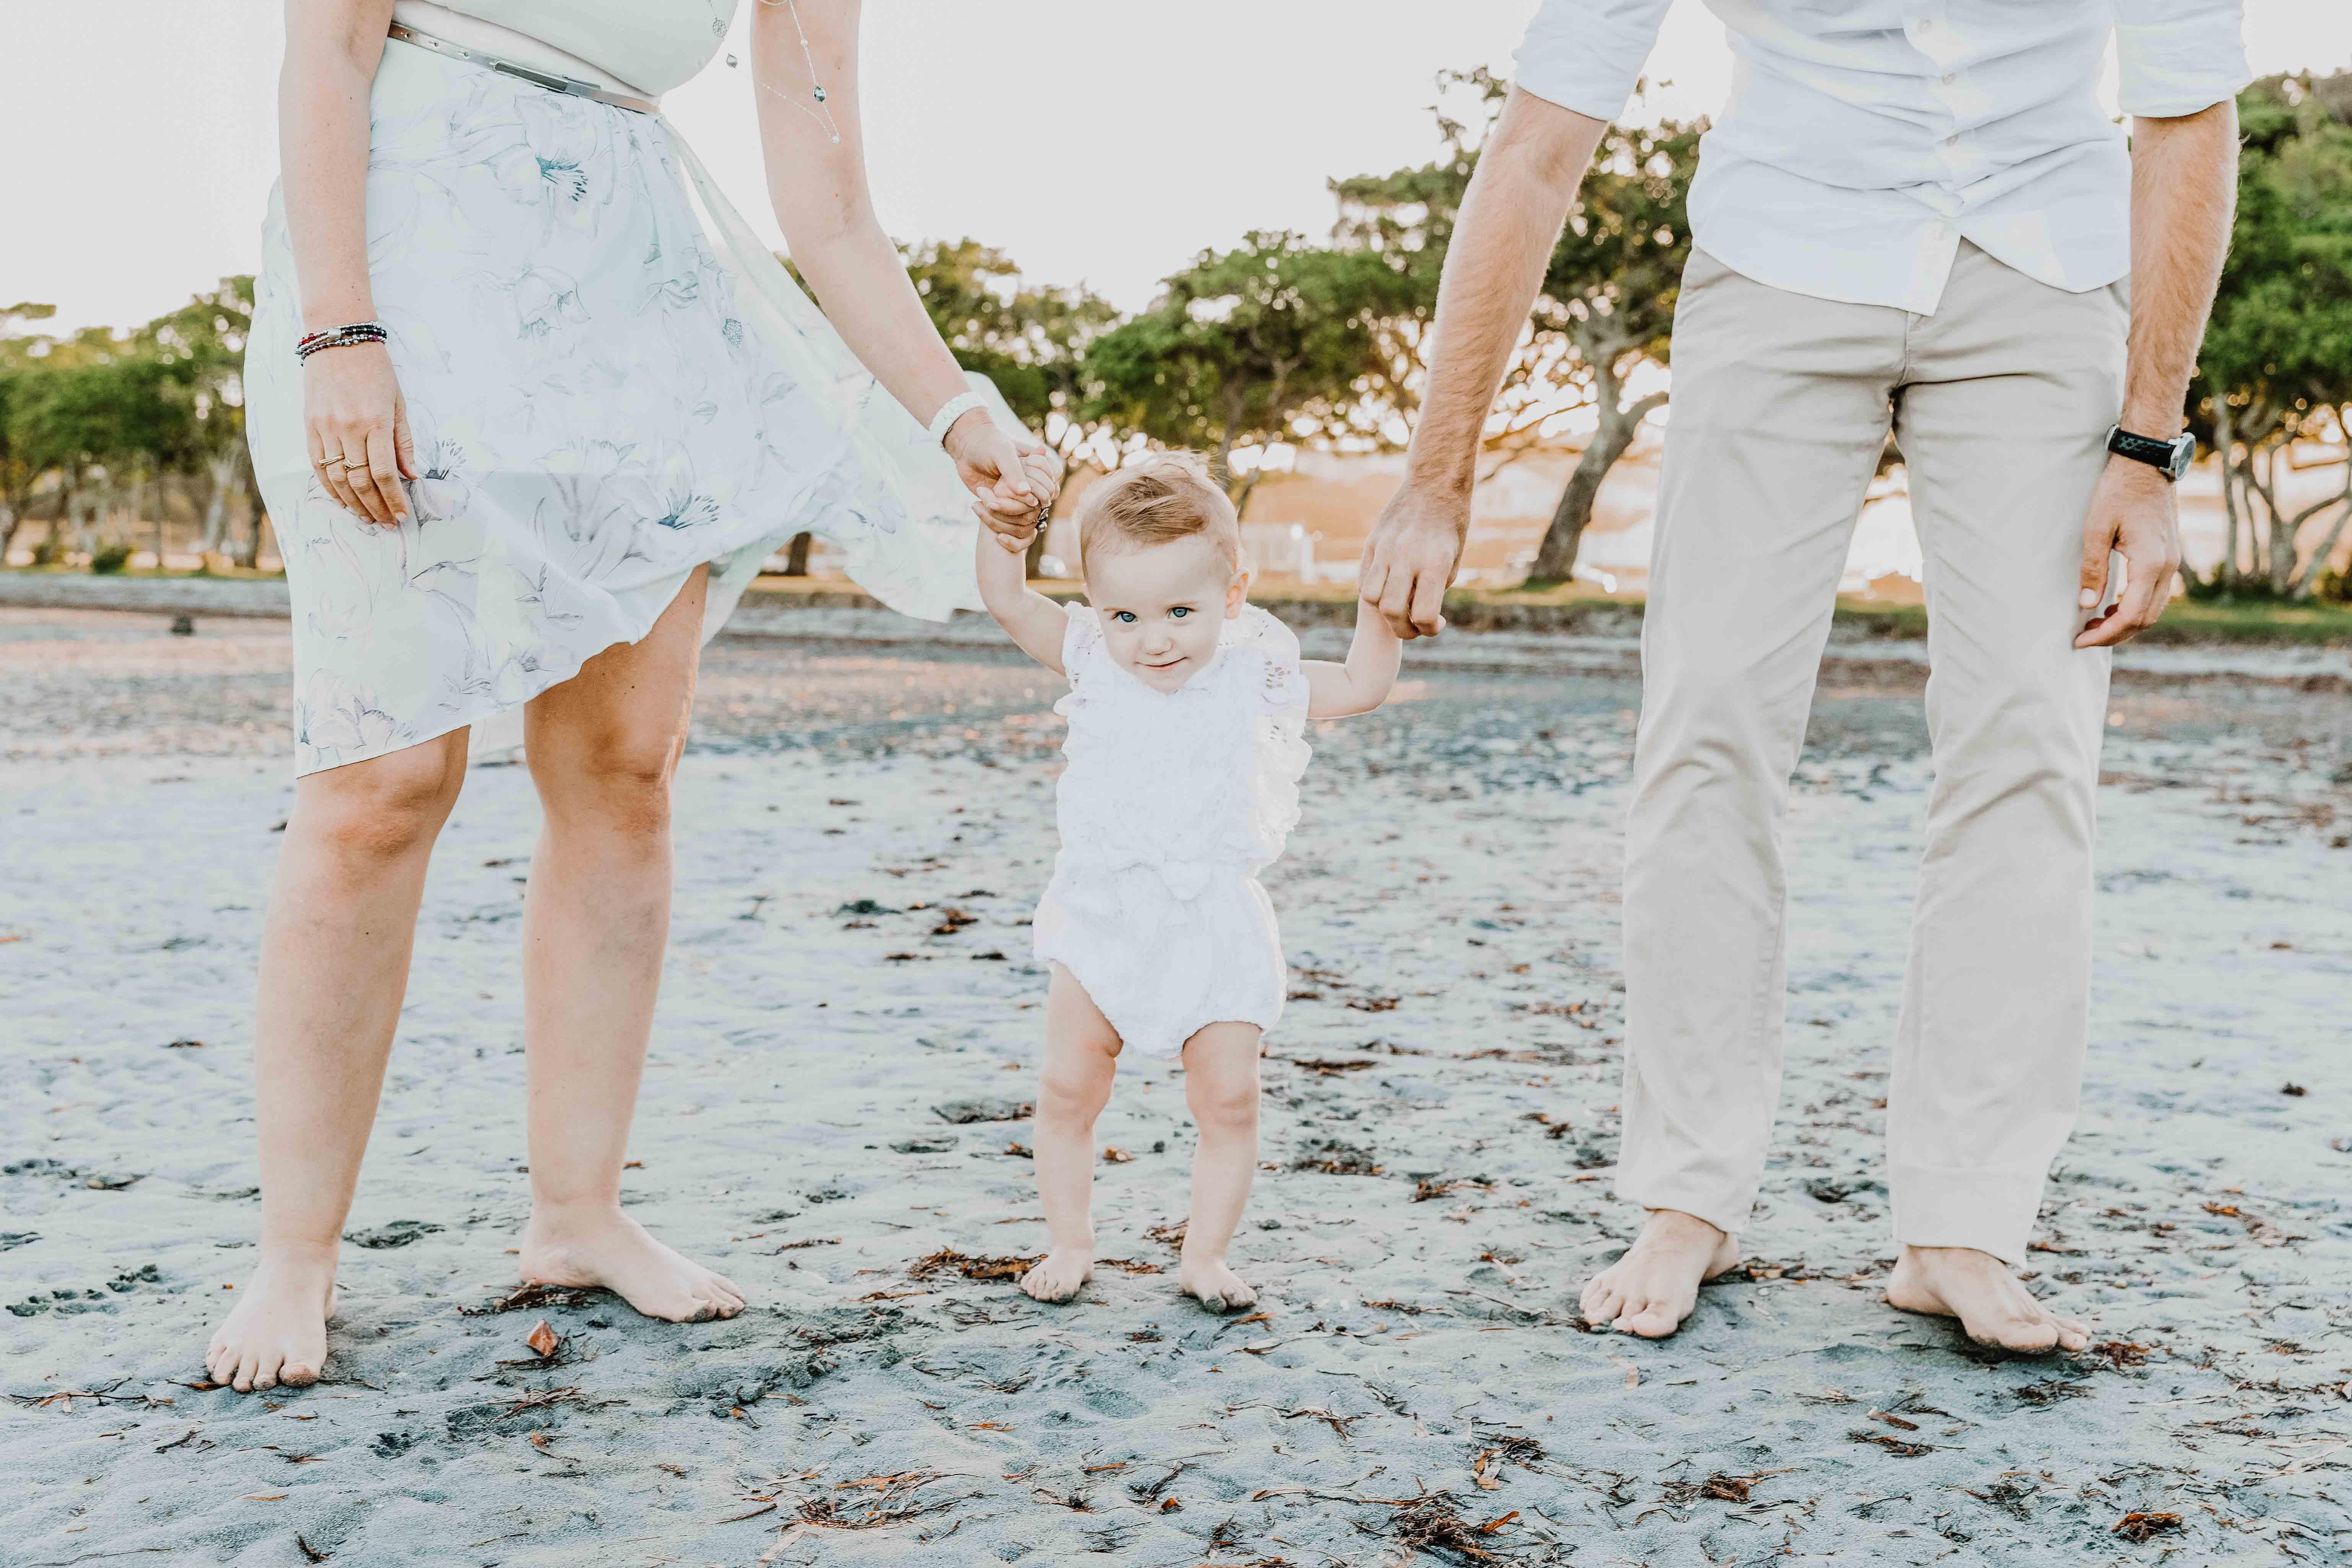 séance photo famille à la plage. les parents sont debout et aident bébé à marcher